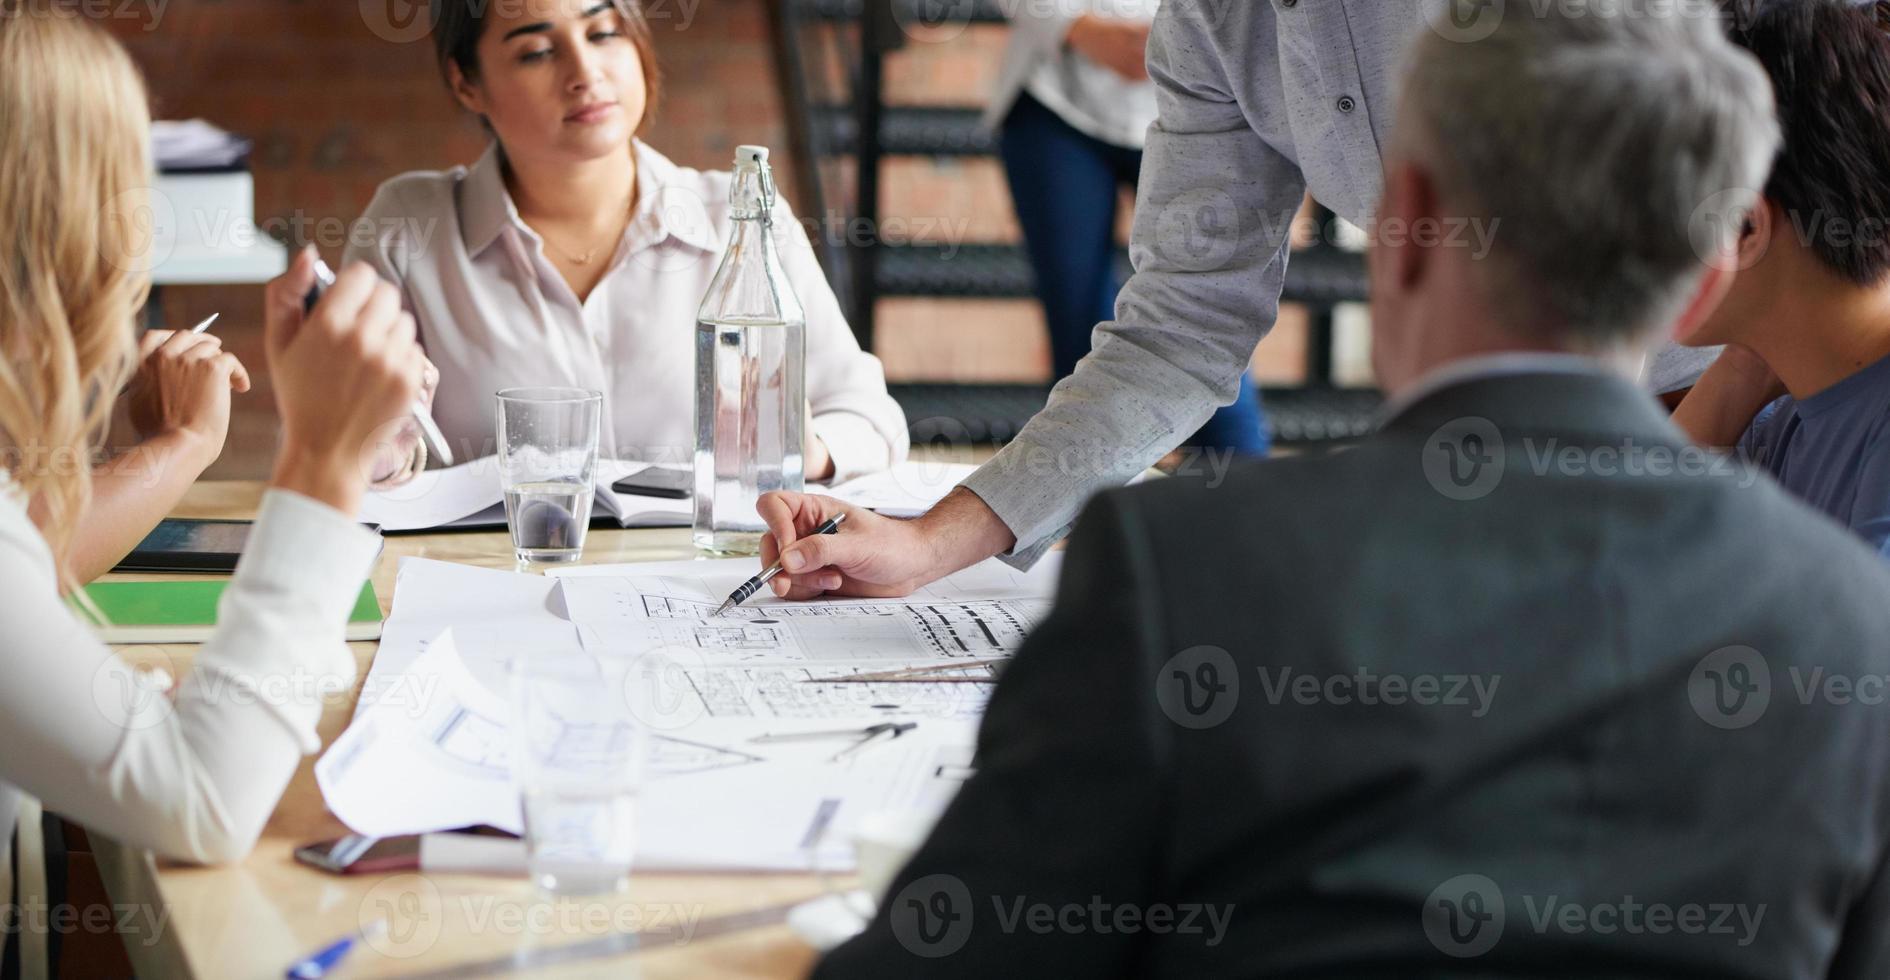 architecten die werken aan plannen aan de directiekamer tafel foto